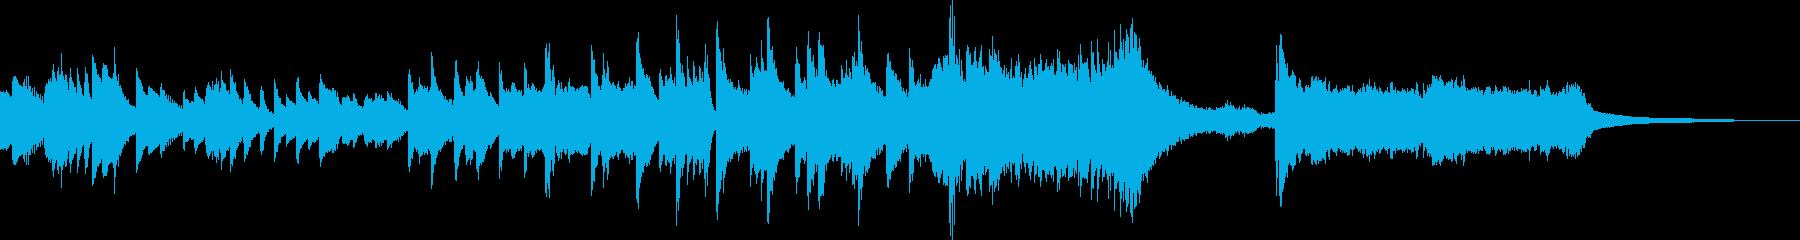 ピアノの印象的で感傷的なショートバラードの再生済みの波形